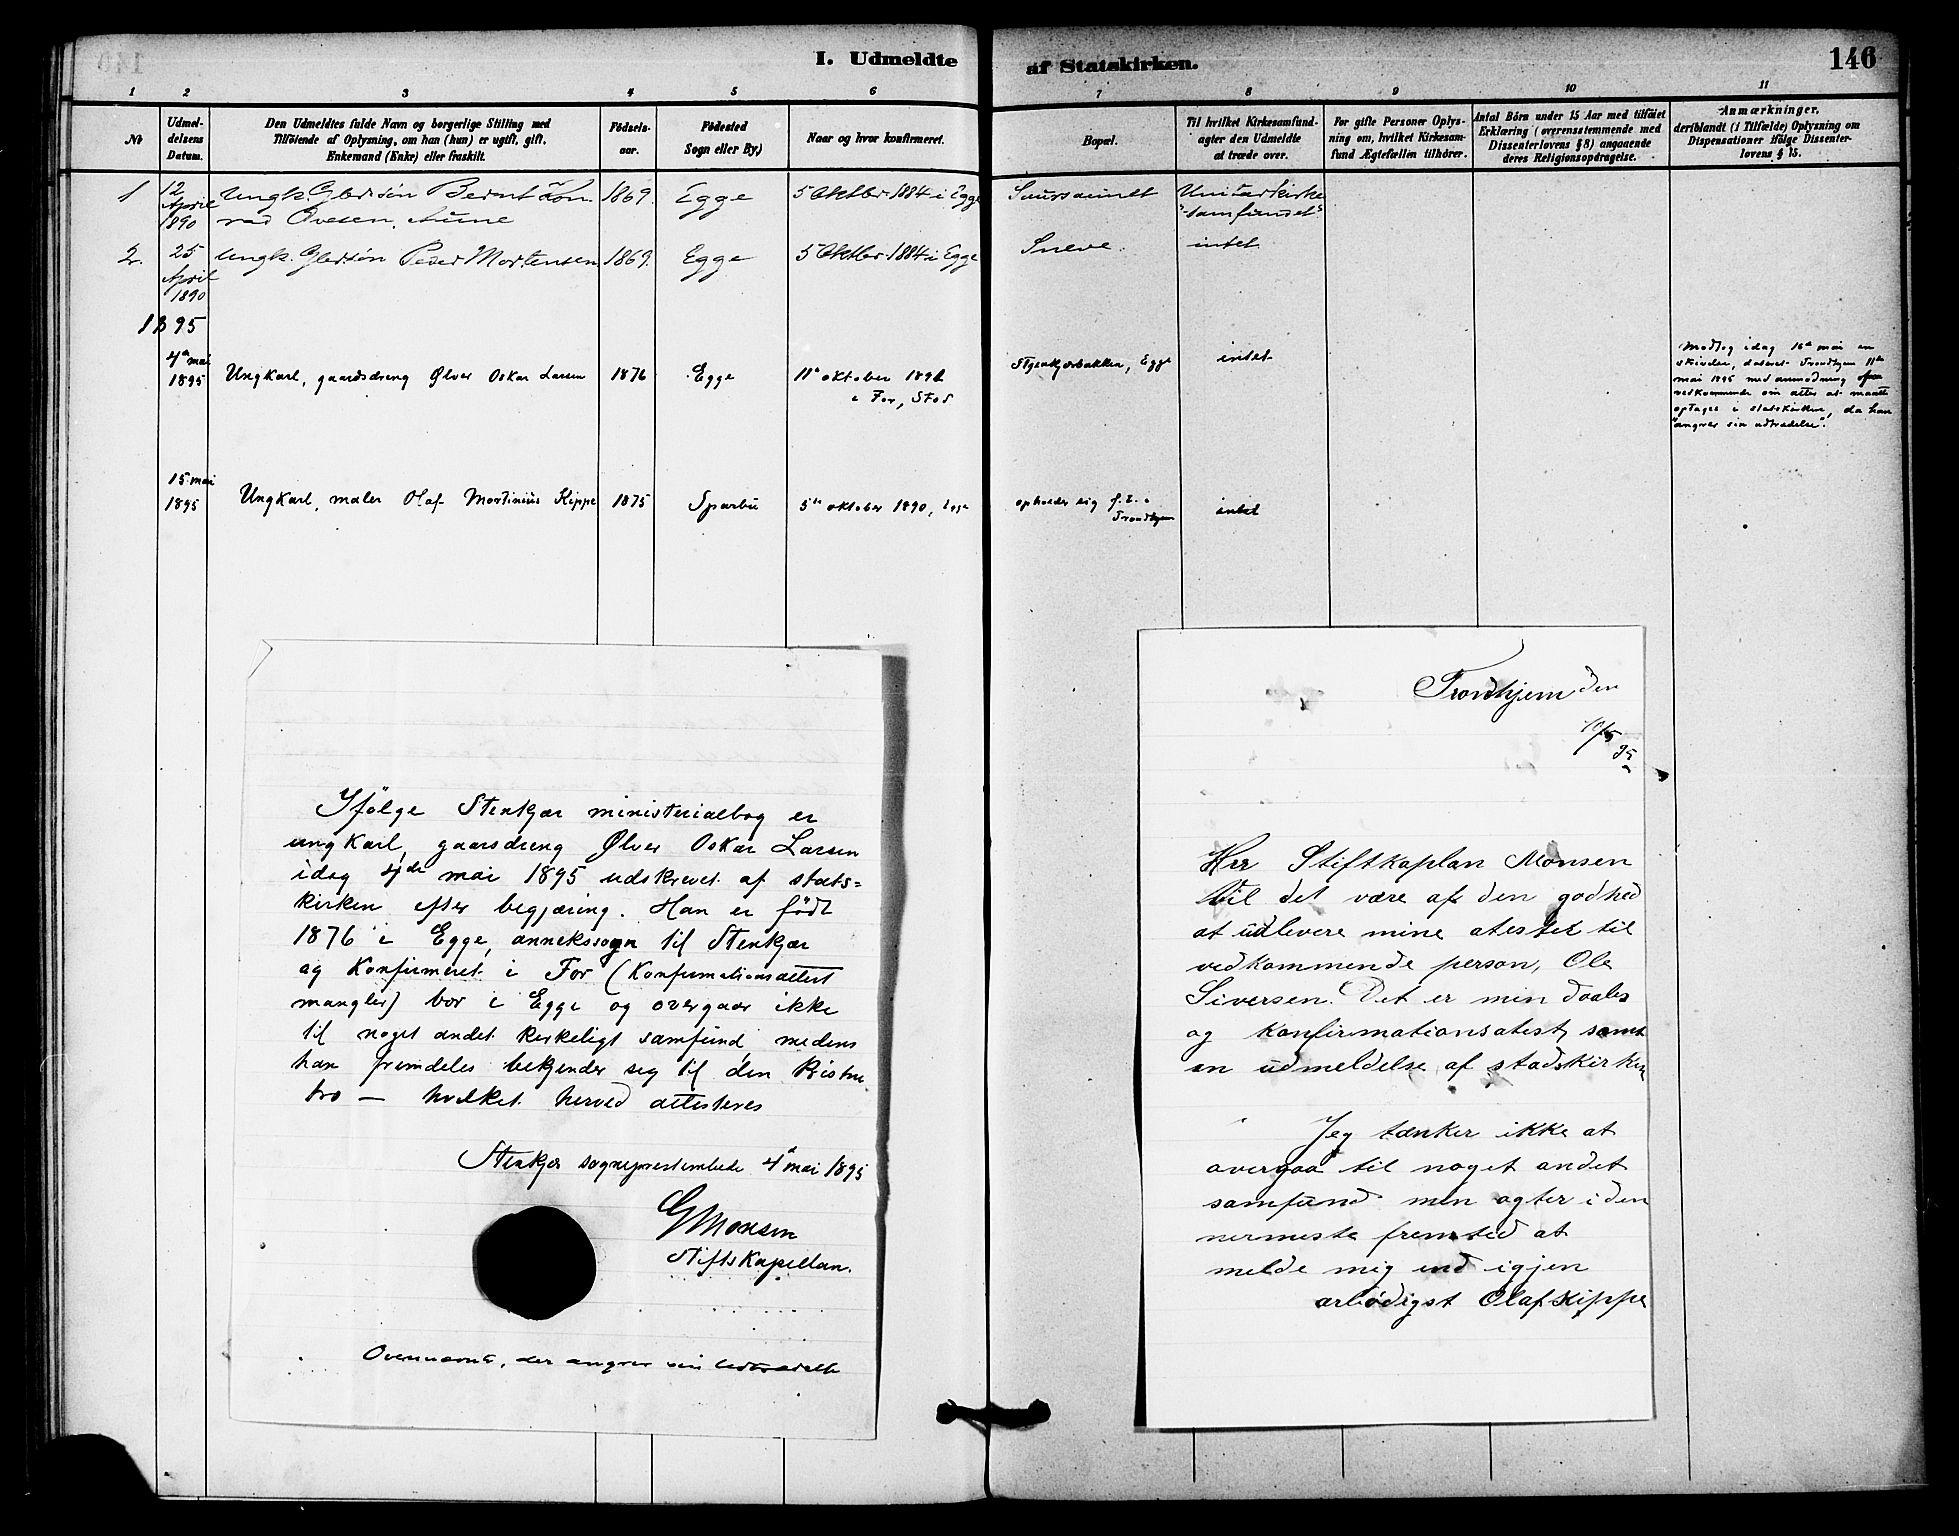 SAT, Ministerialprotokoller, klokkerbøker og fødselsregistre - Nord-Trøndelag, 740/L0378: Ministerialbok nr. 740A01, 1881-1895, s. 146